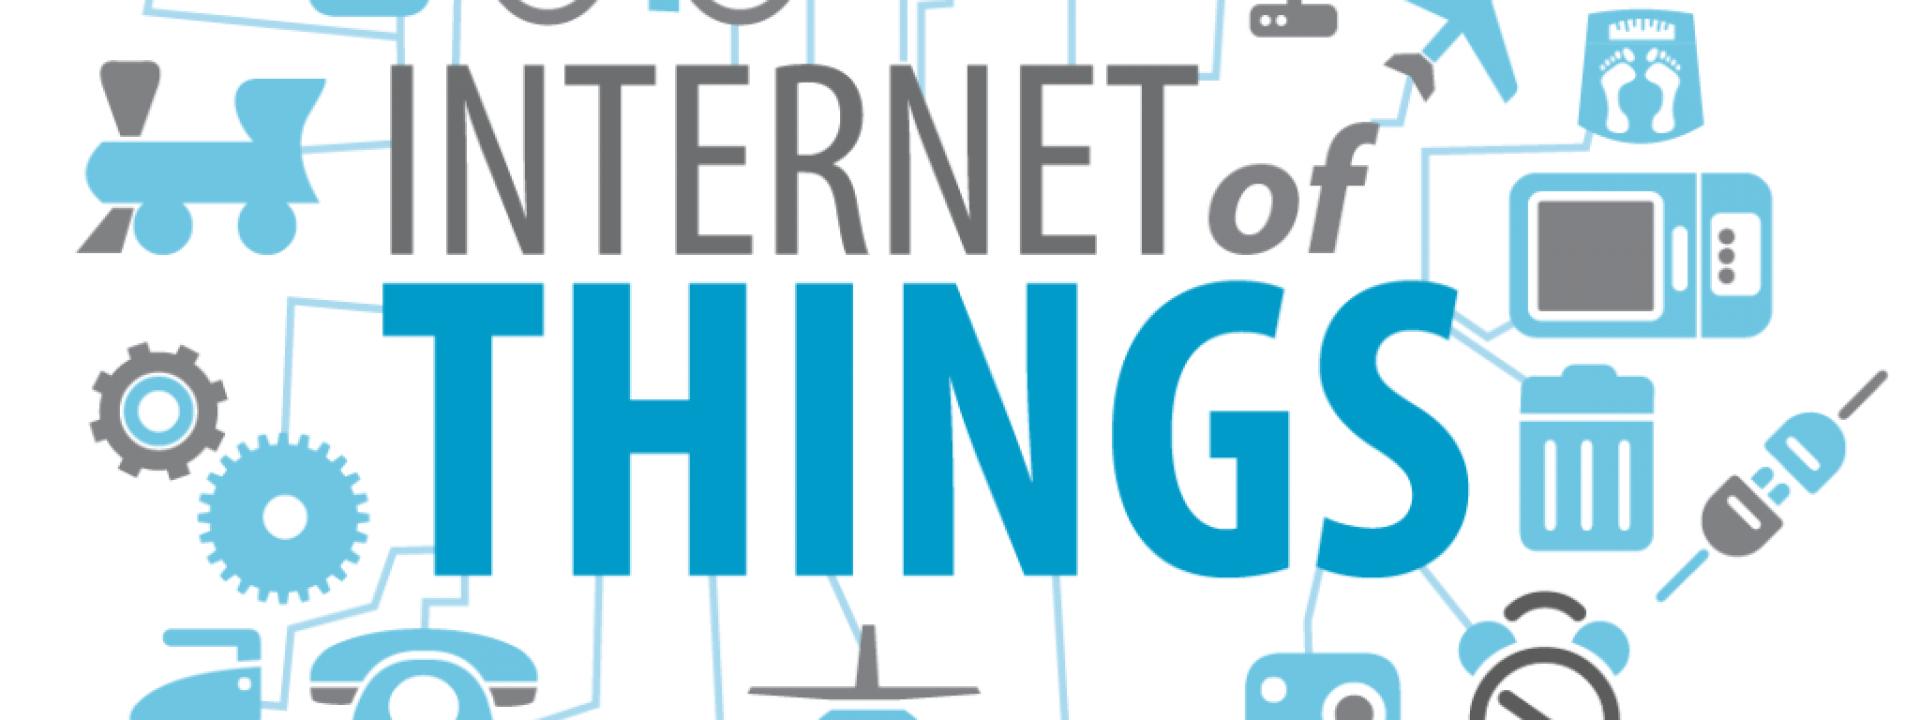 Cinco tendências tecnológicas do futuro do trabalho em 2020